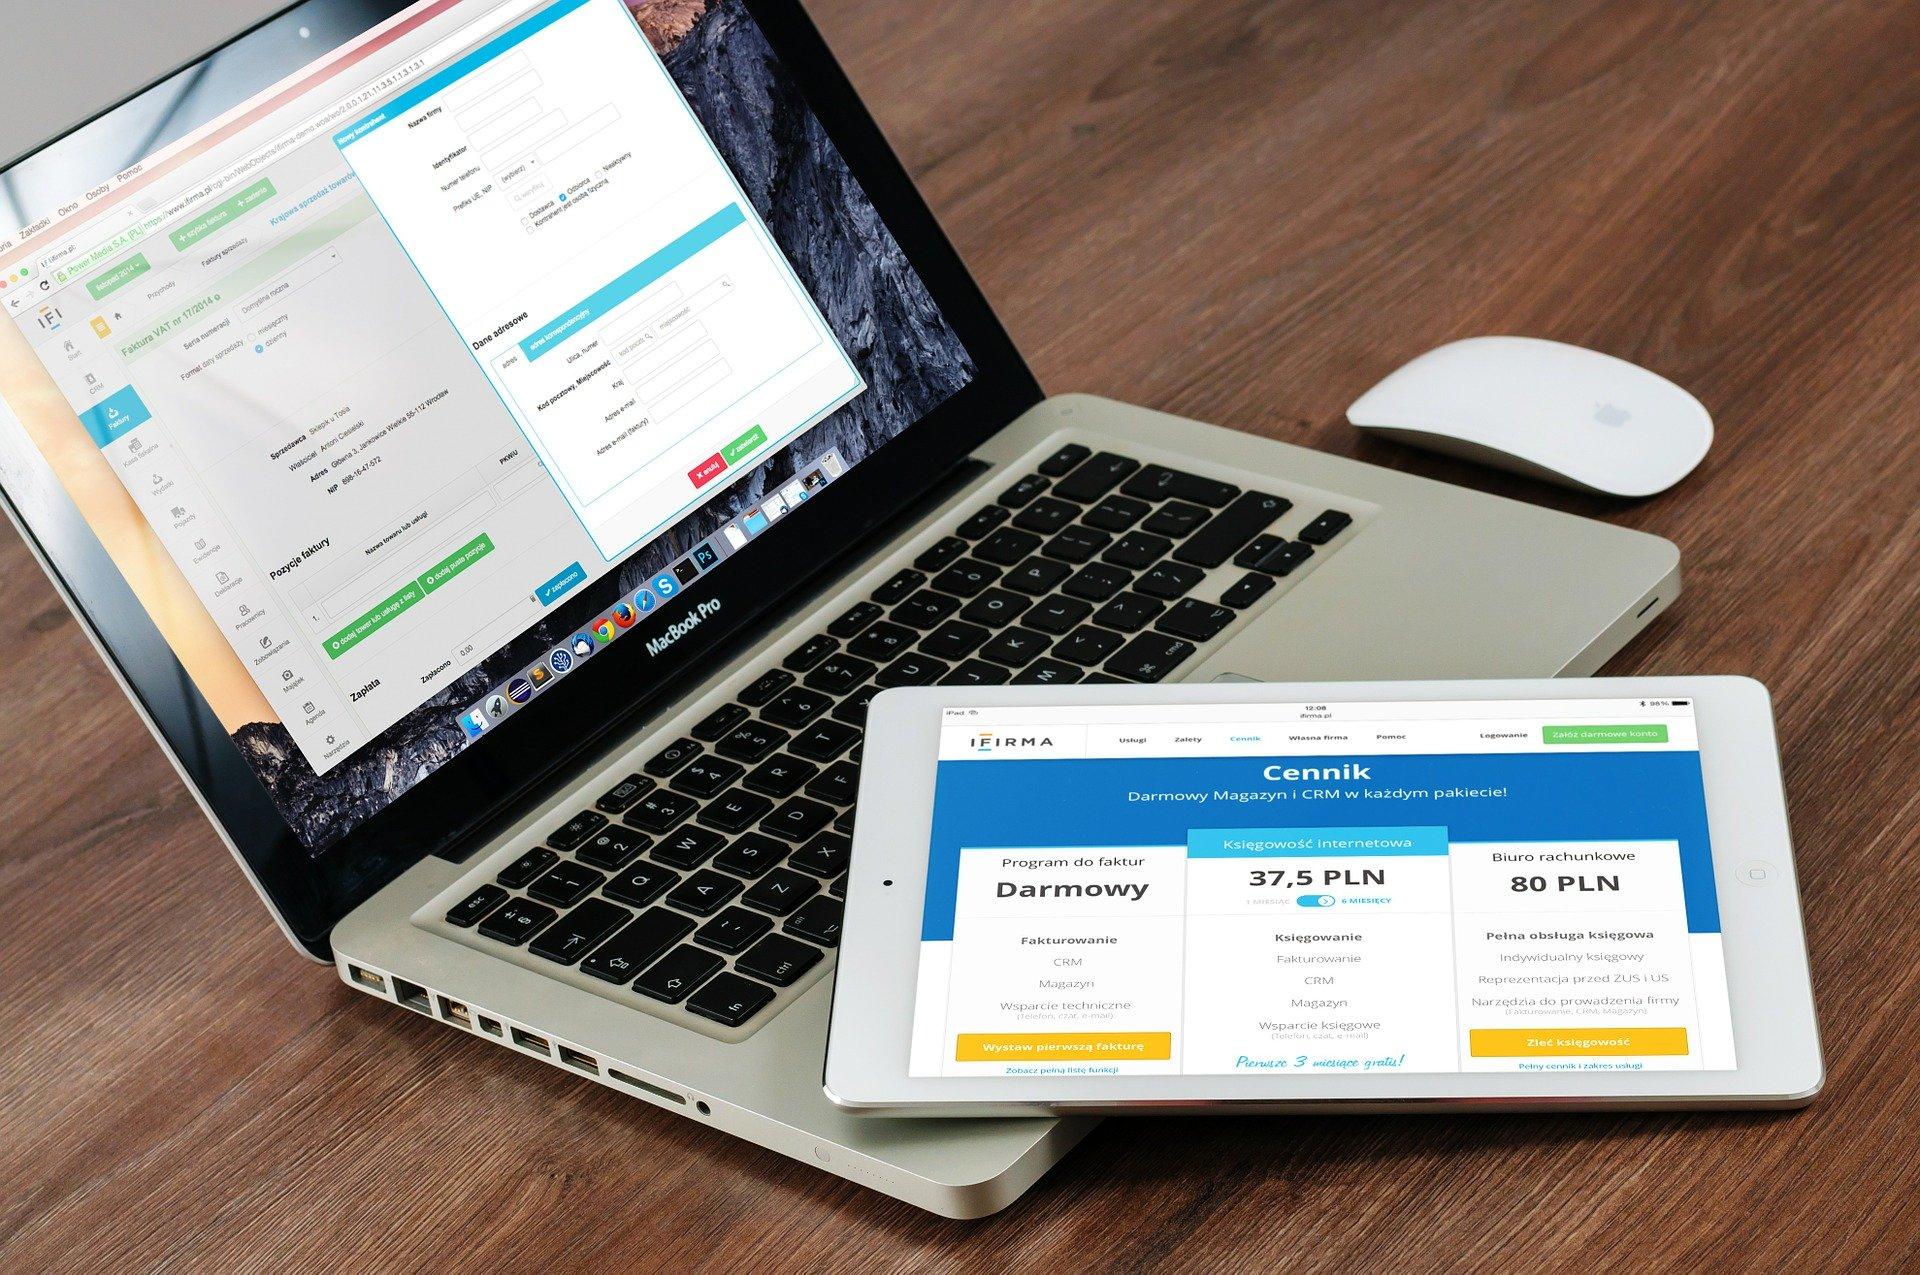 エログ運営と相性のいいアダルト広告サービス(ASP)を紹介する